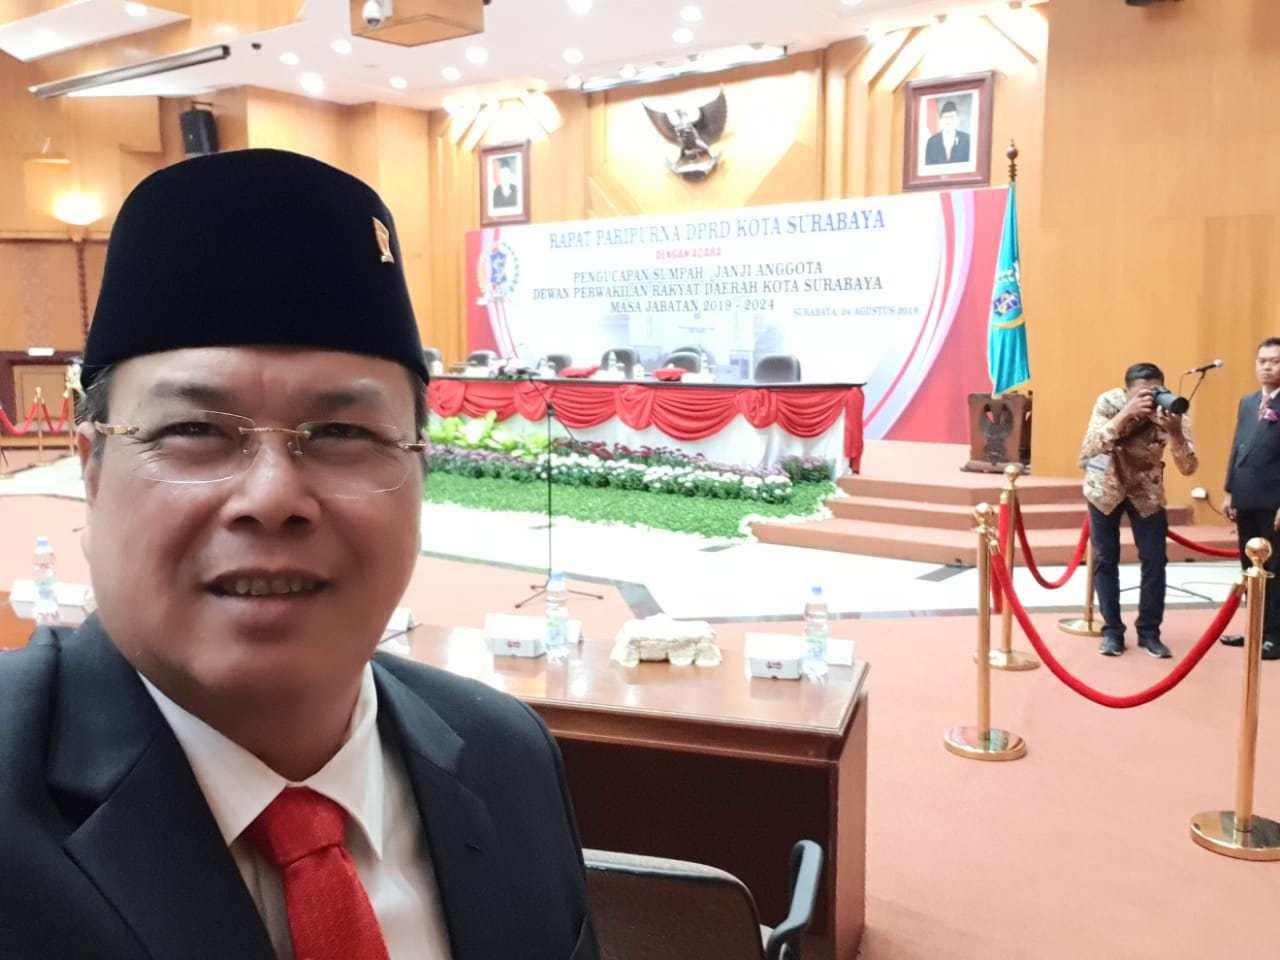 Penerapan Karantina Wilayah di Surabaya Dianggap Tak Perlu